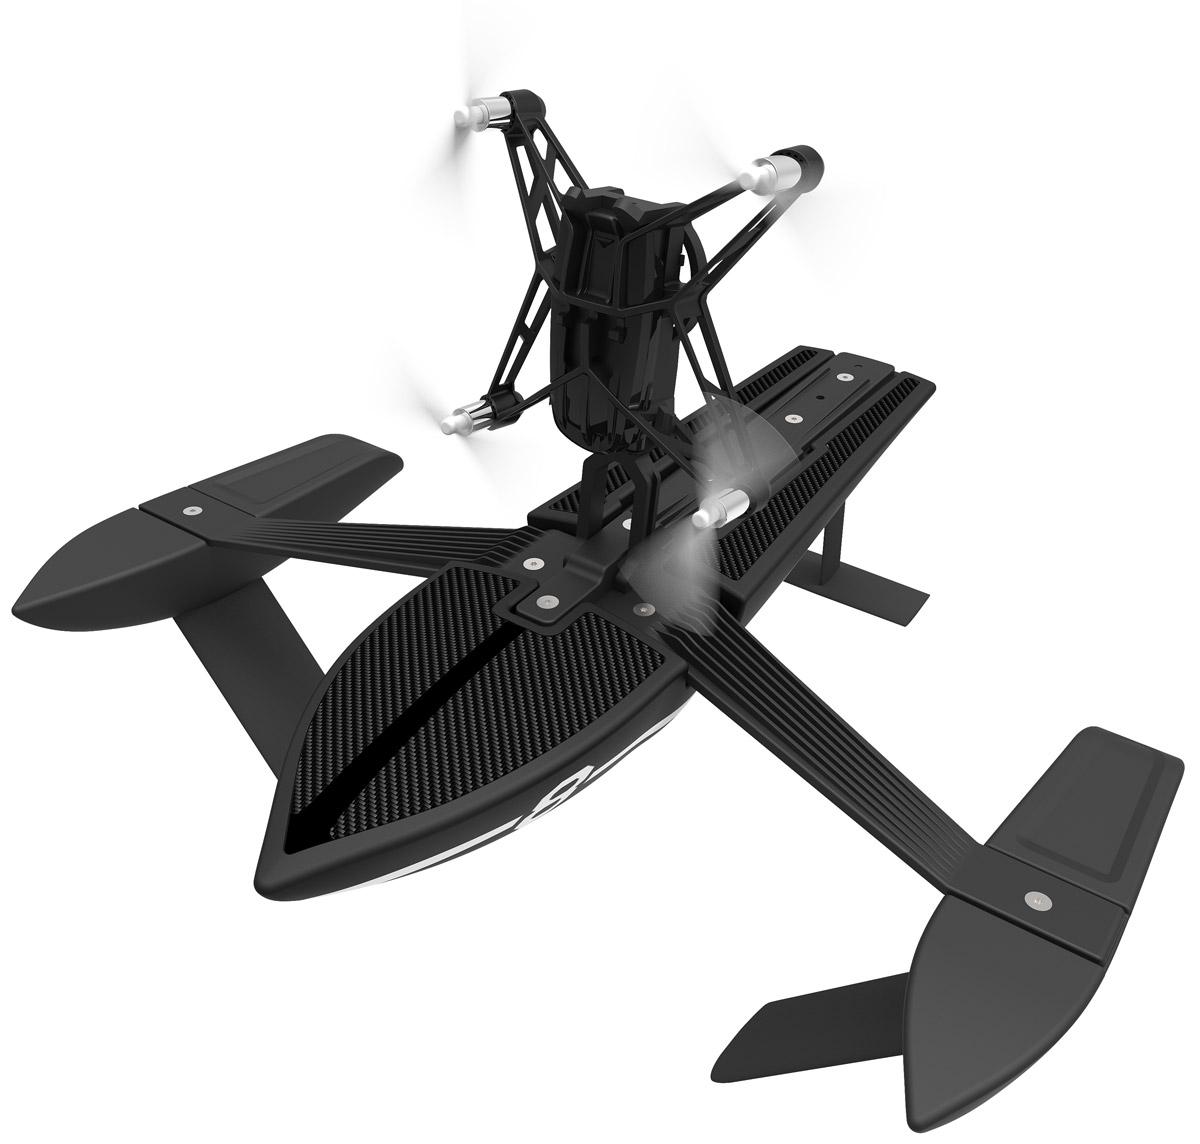 Parrot Квадрокоптер на радиоуправлении Minidrone Hydrofoil Orak и корабль HydrofoilPF723403Parrot Minidrone Hydrofoil Orak - летающее радиоуправляемое устройство с четырьмя бесколлекторными двигателями и встроенной камерой. Невероятная акробатика Одно движение руки - и ваш квадрокоптер послушно выполняет повороты на 90 и 180 градусов, крутит мёртвые петли назад и вперёд. Он сконструирован с соблюдением правил безопасности: в случае аварии питание пропеллеров отключится. Создайте своего уникального робота Вы можете изменить внешний вид мини-дрона по своему вкусу с помощью наклеек. Водный режим Водоплавающая конструкция подпирает дрон на 5 - 6 сантиметров над водой сбалансированным образом. Вместе с ней, квадрокоптер способен развивать скорость до 10 км/ч в водном пространстве. Благодаря проработанной системе стабилизации и автопилоту квадрокоптером можно легко управлять через сенсорный интерфейс в приложении FreeFlight 3. Встроенная память: 1 ГБ (для записи видео) Разрешение видео:...